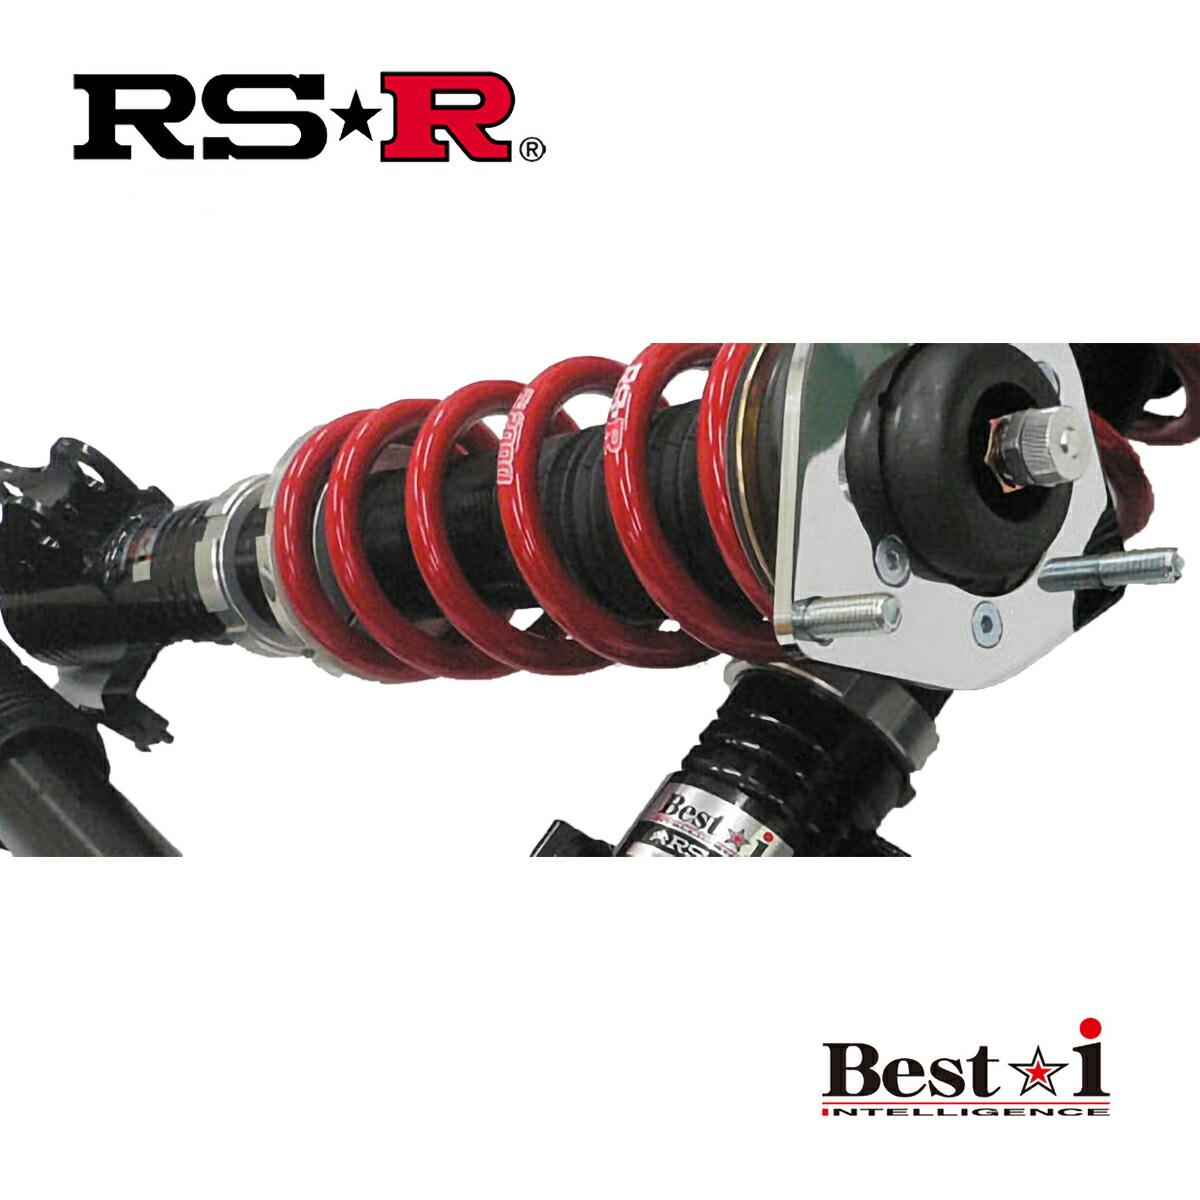 RS-R メルセデスベンツ Aクラス V177 177184 A180 スタイルセダン 車高調 リア車高調整: ネジ式 BIBE043M ベストi RSR 個人宅発送追金有